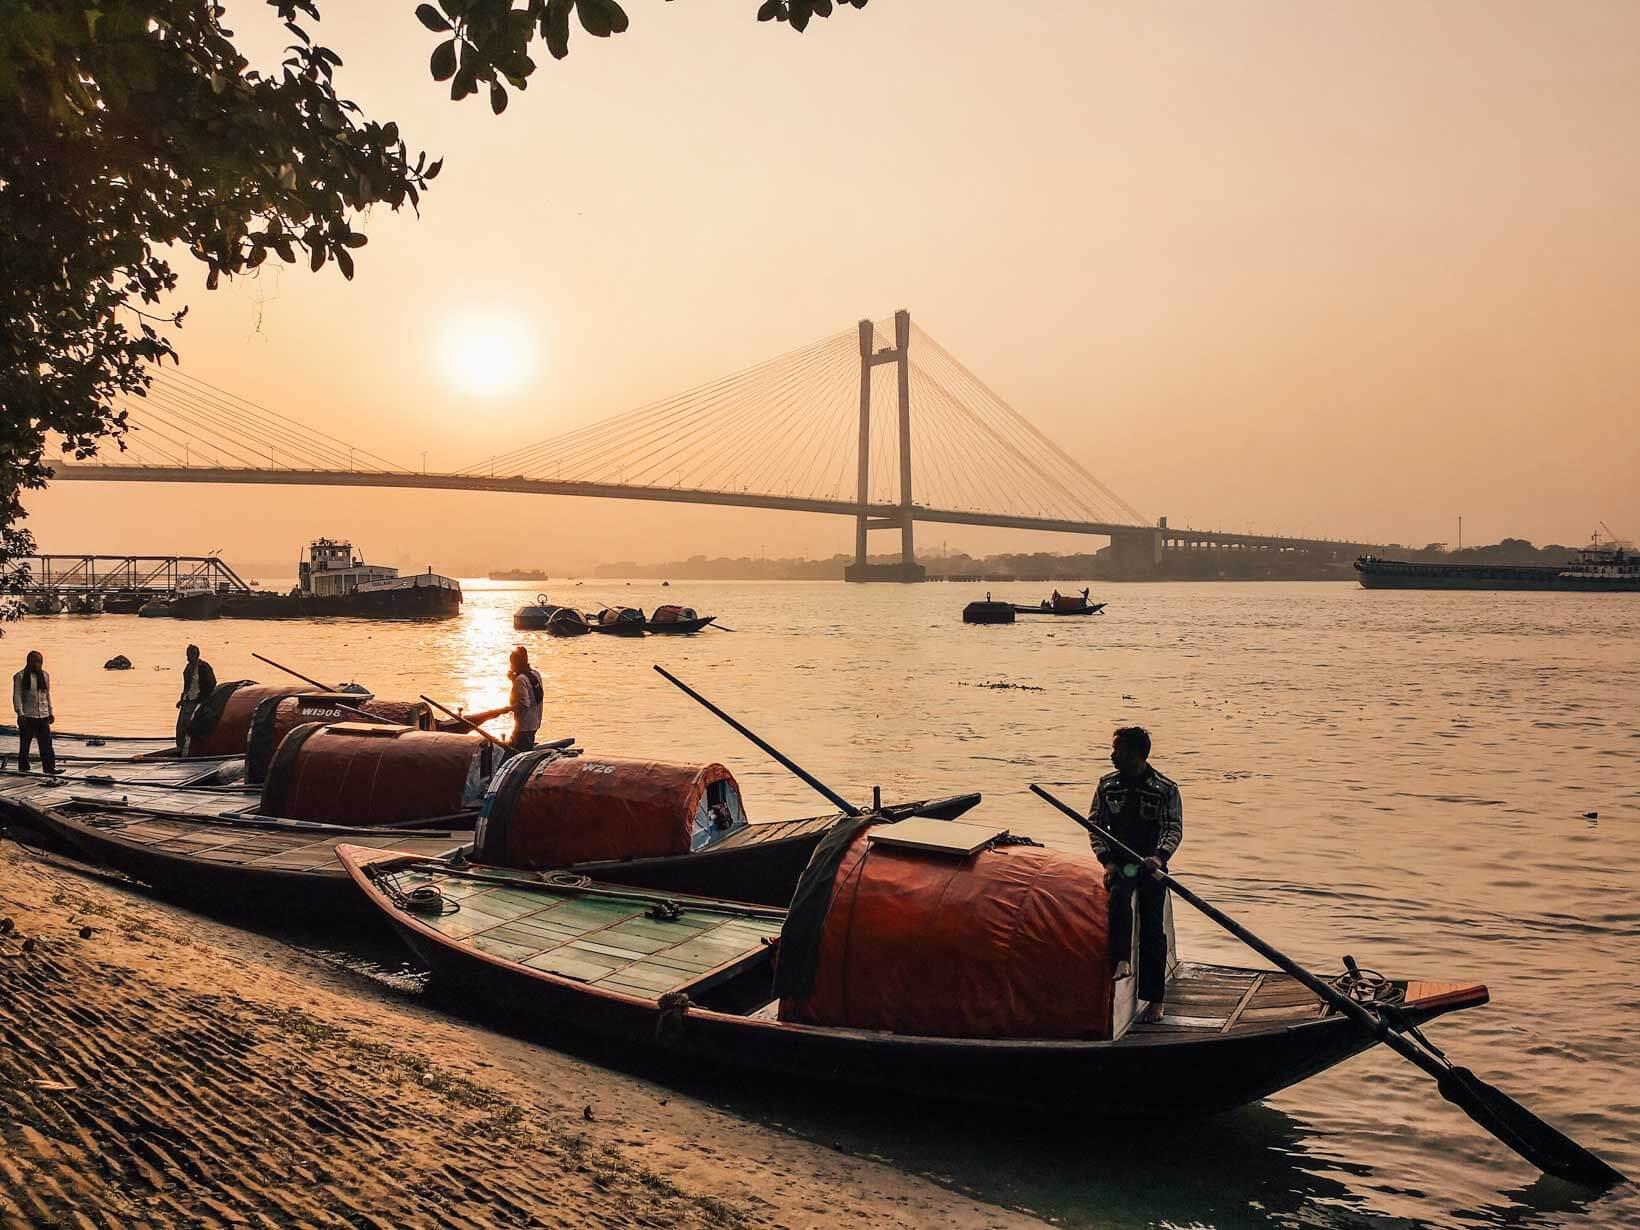 Giro in barca Prinsep Ghat Calcutta